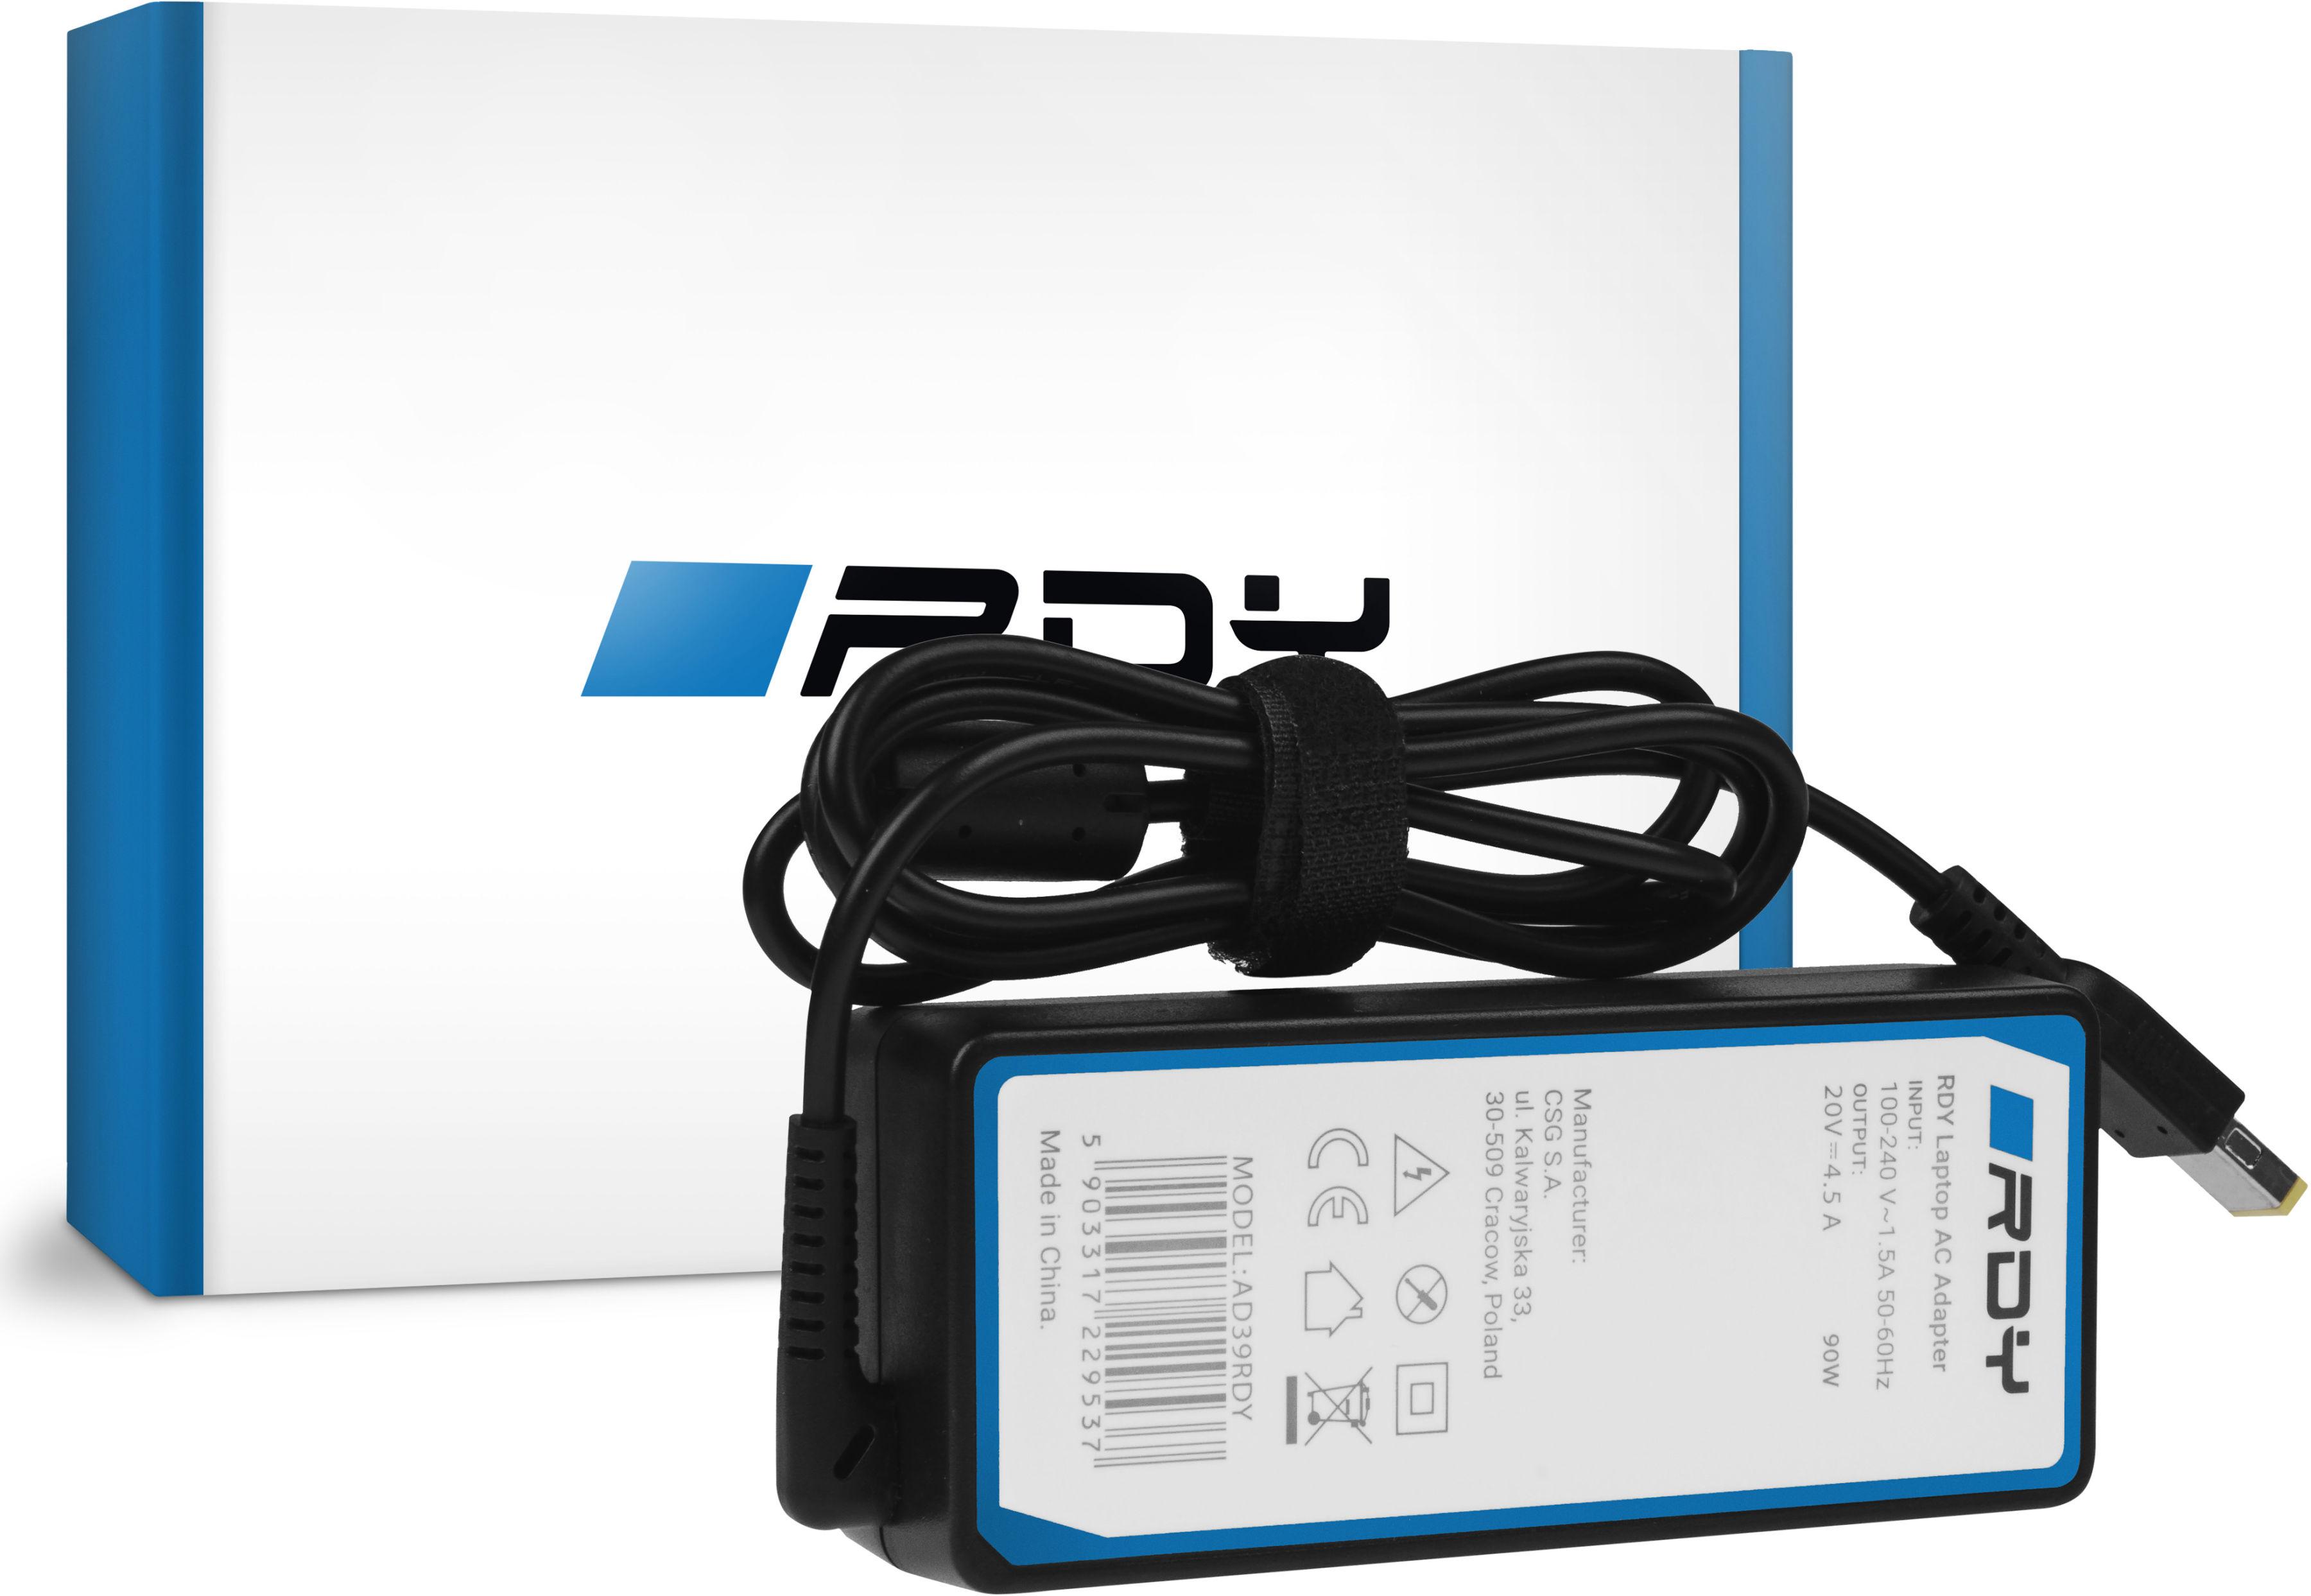 Zasilacz Ładowarka RDY 20V 4.5A 90W do Lenovo G500s G505s G510 G510s Z500 Z510 Z710 Z51 Z51-70 ThinkPad X1 Carbon